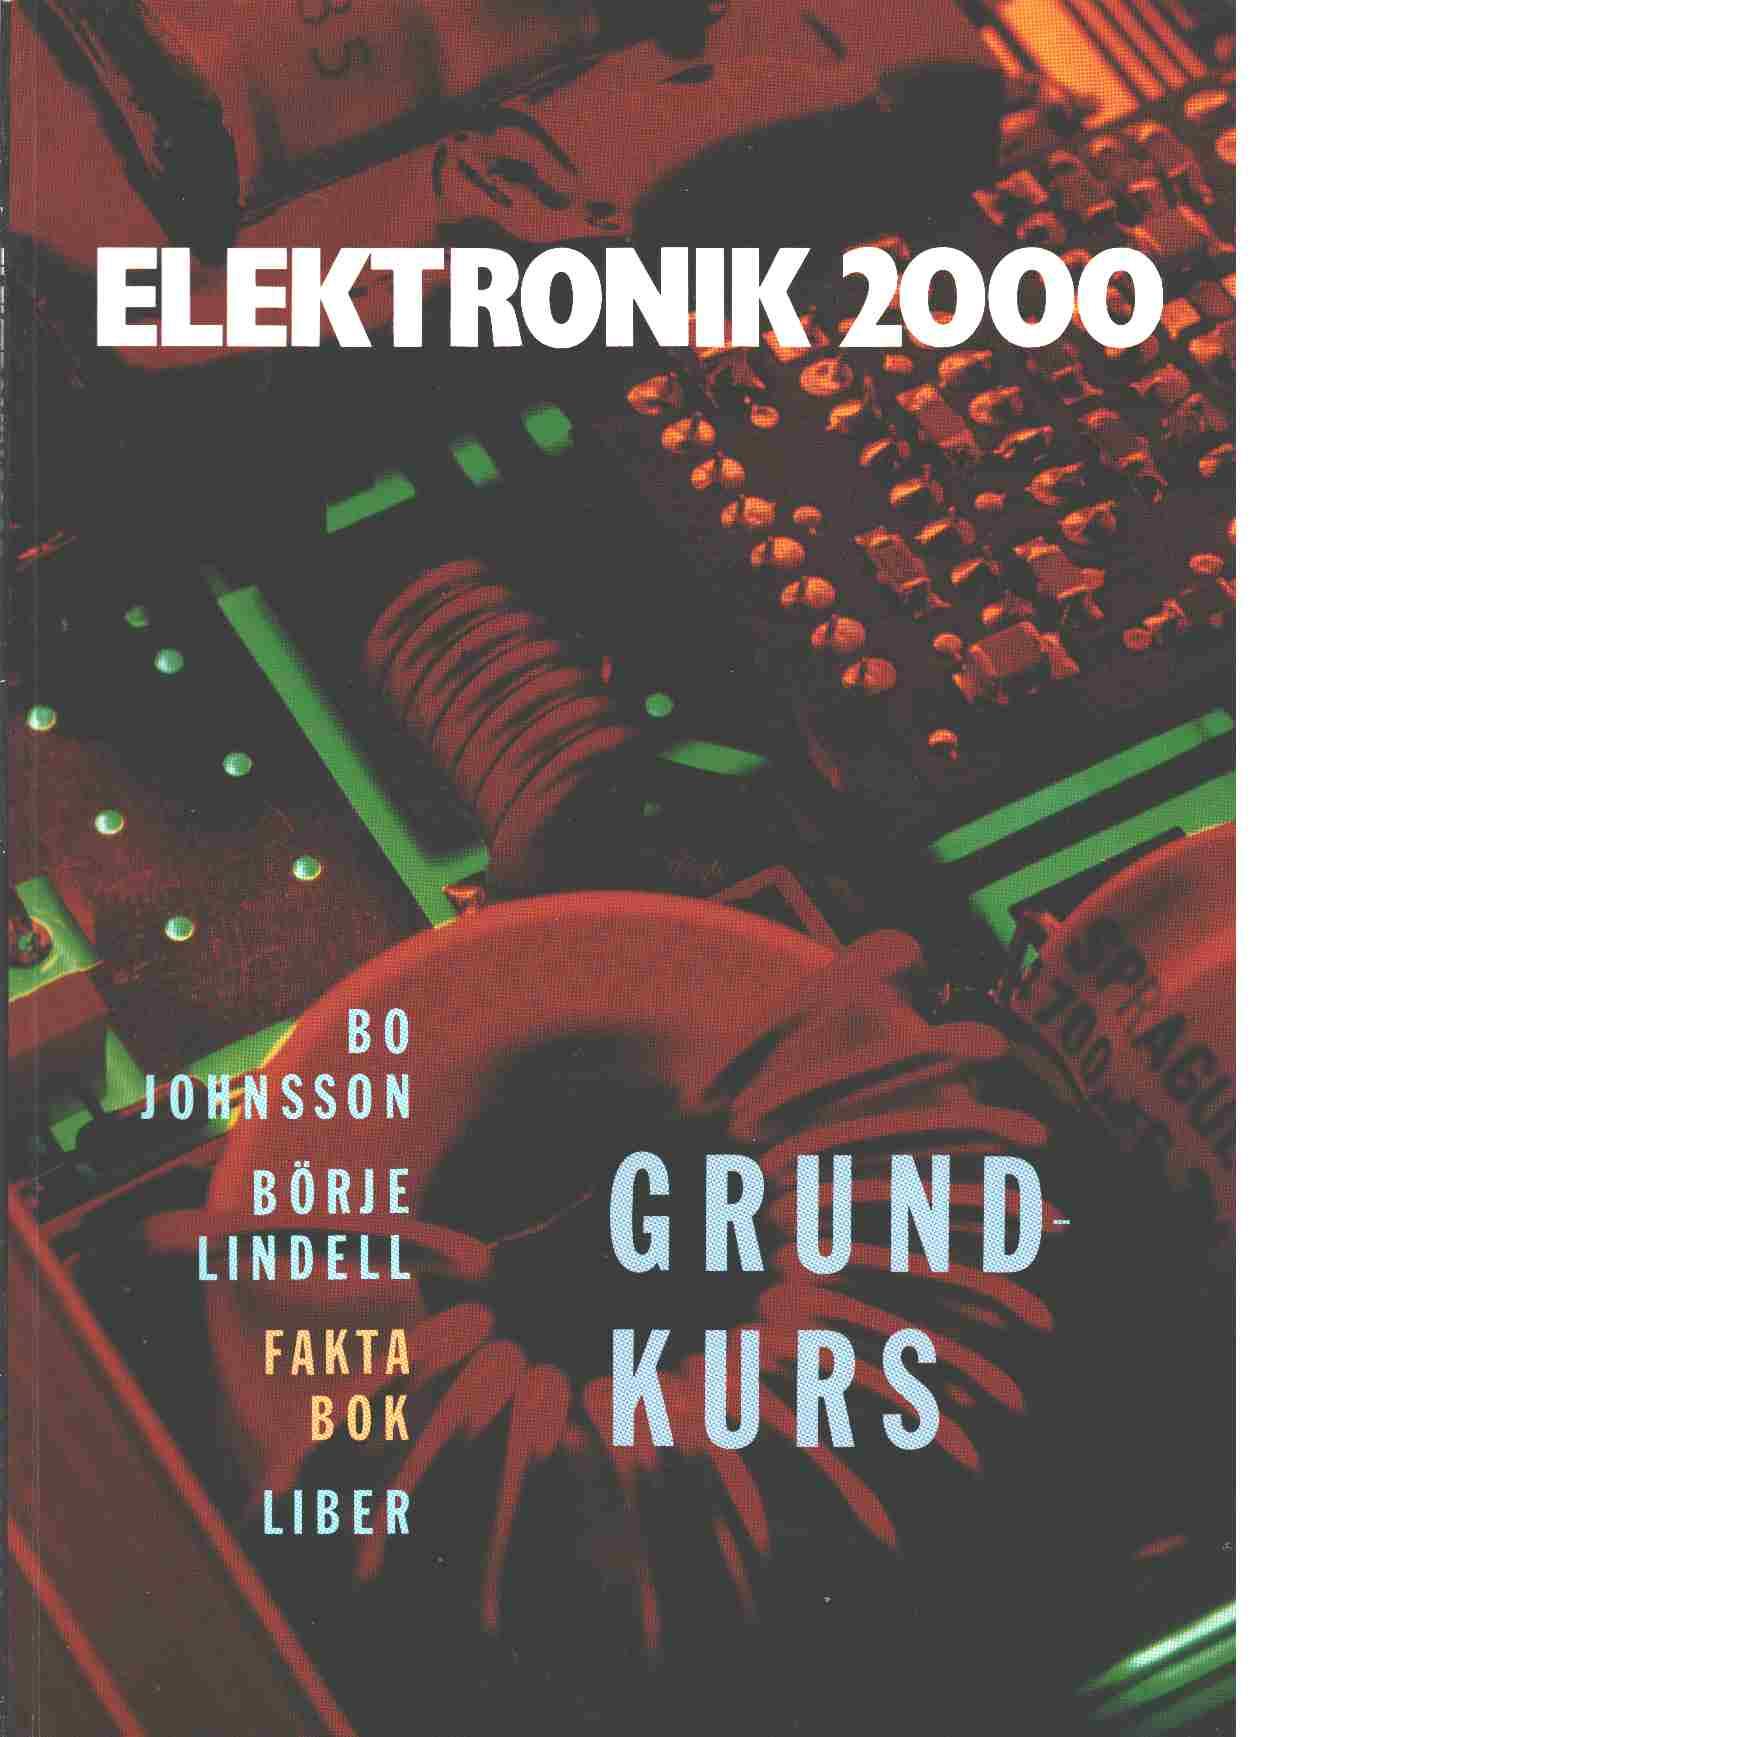 Elektronik 2000 : grundkurs. Faktabok - Johnsson, Bo och Lindell, Börje